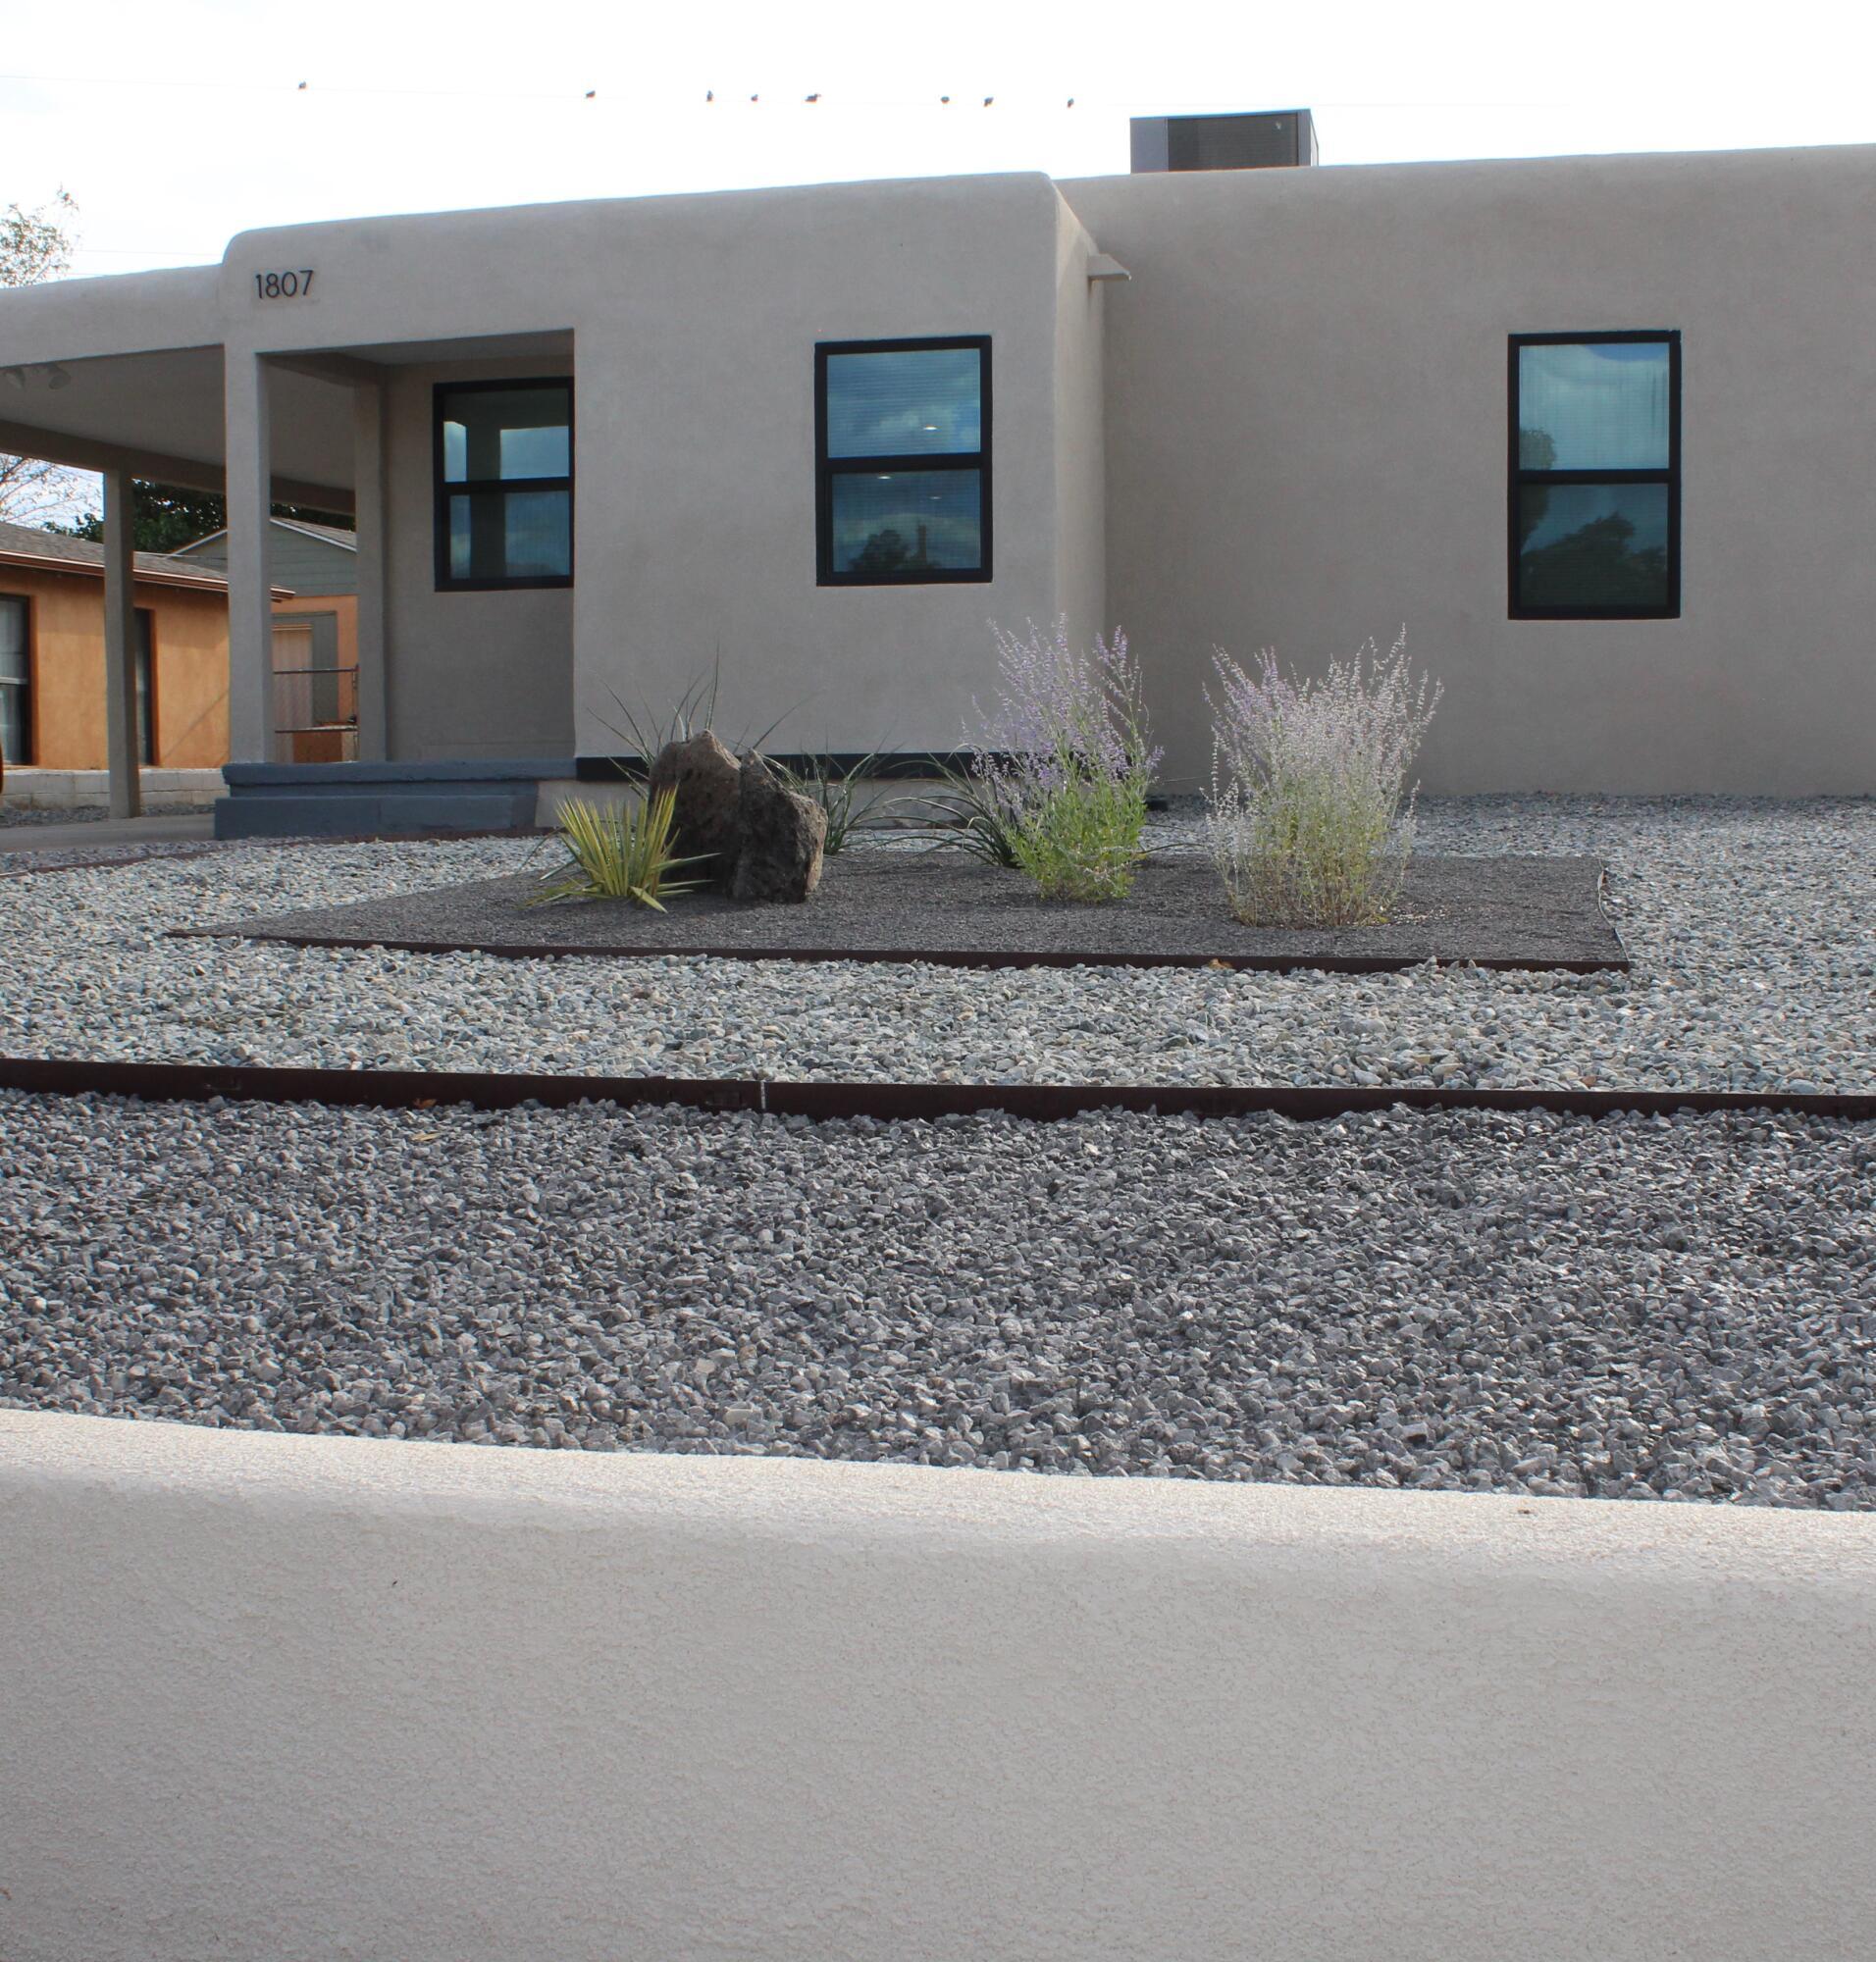 1807 MORNINGRISE Place, Albuquerque NM 87108